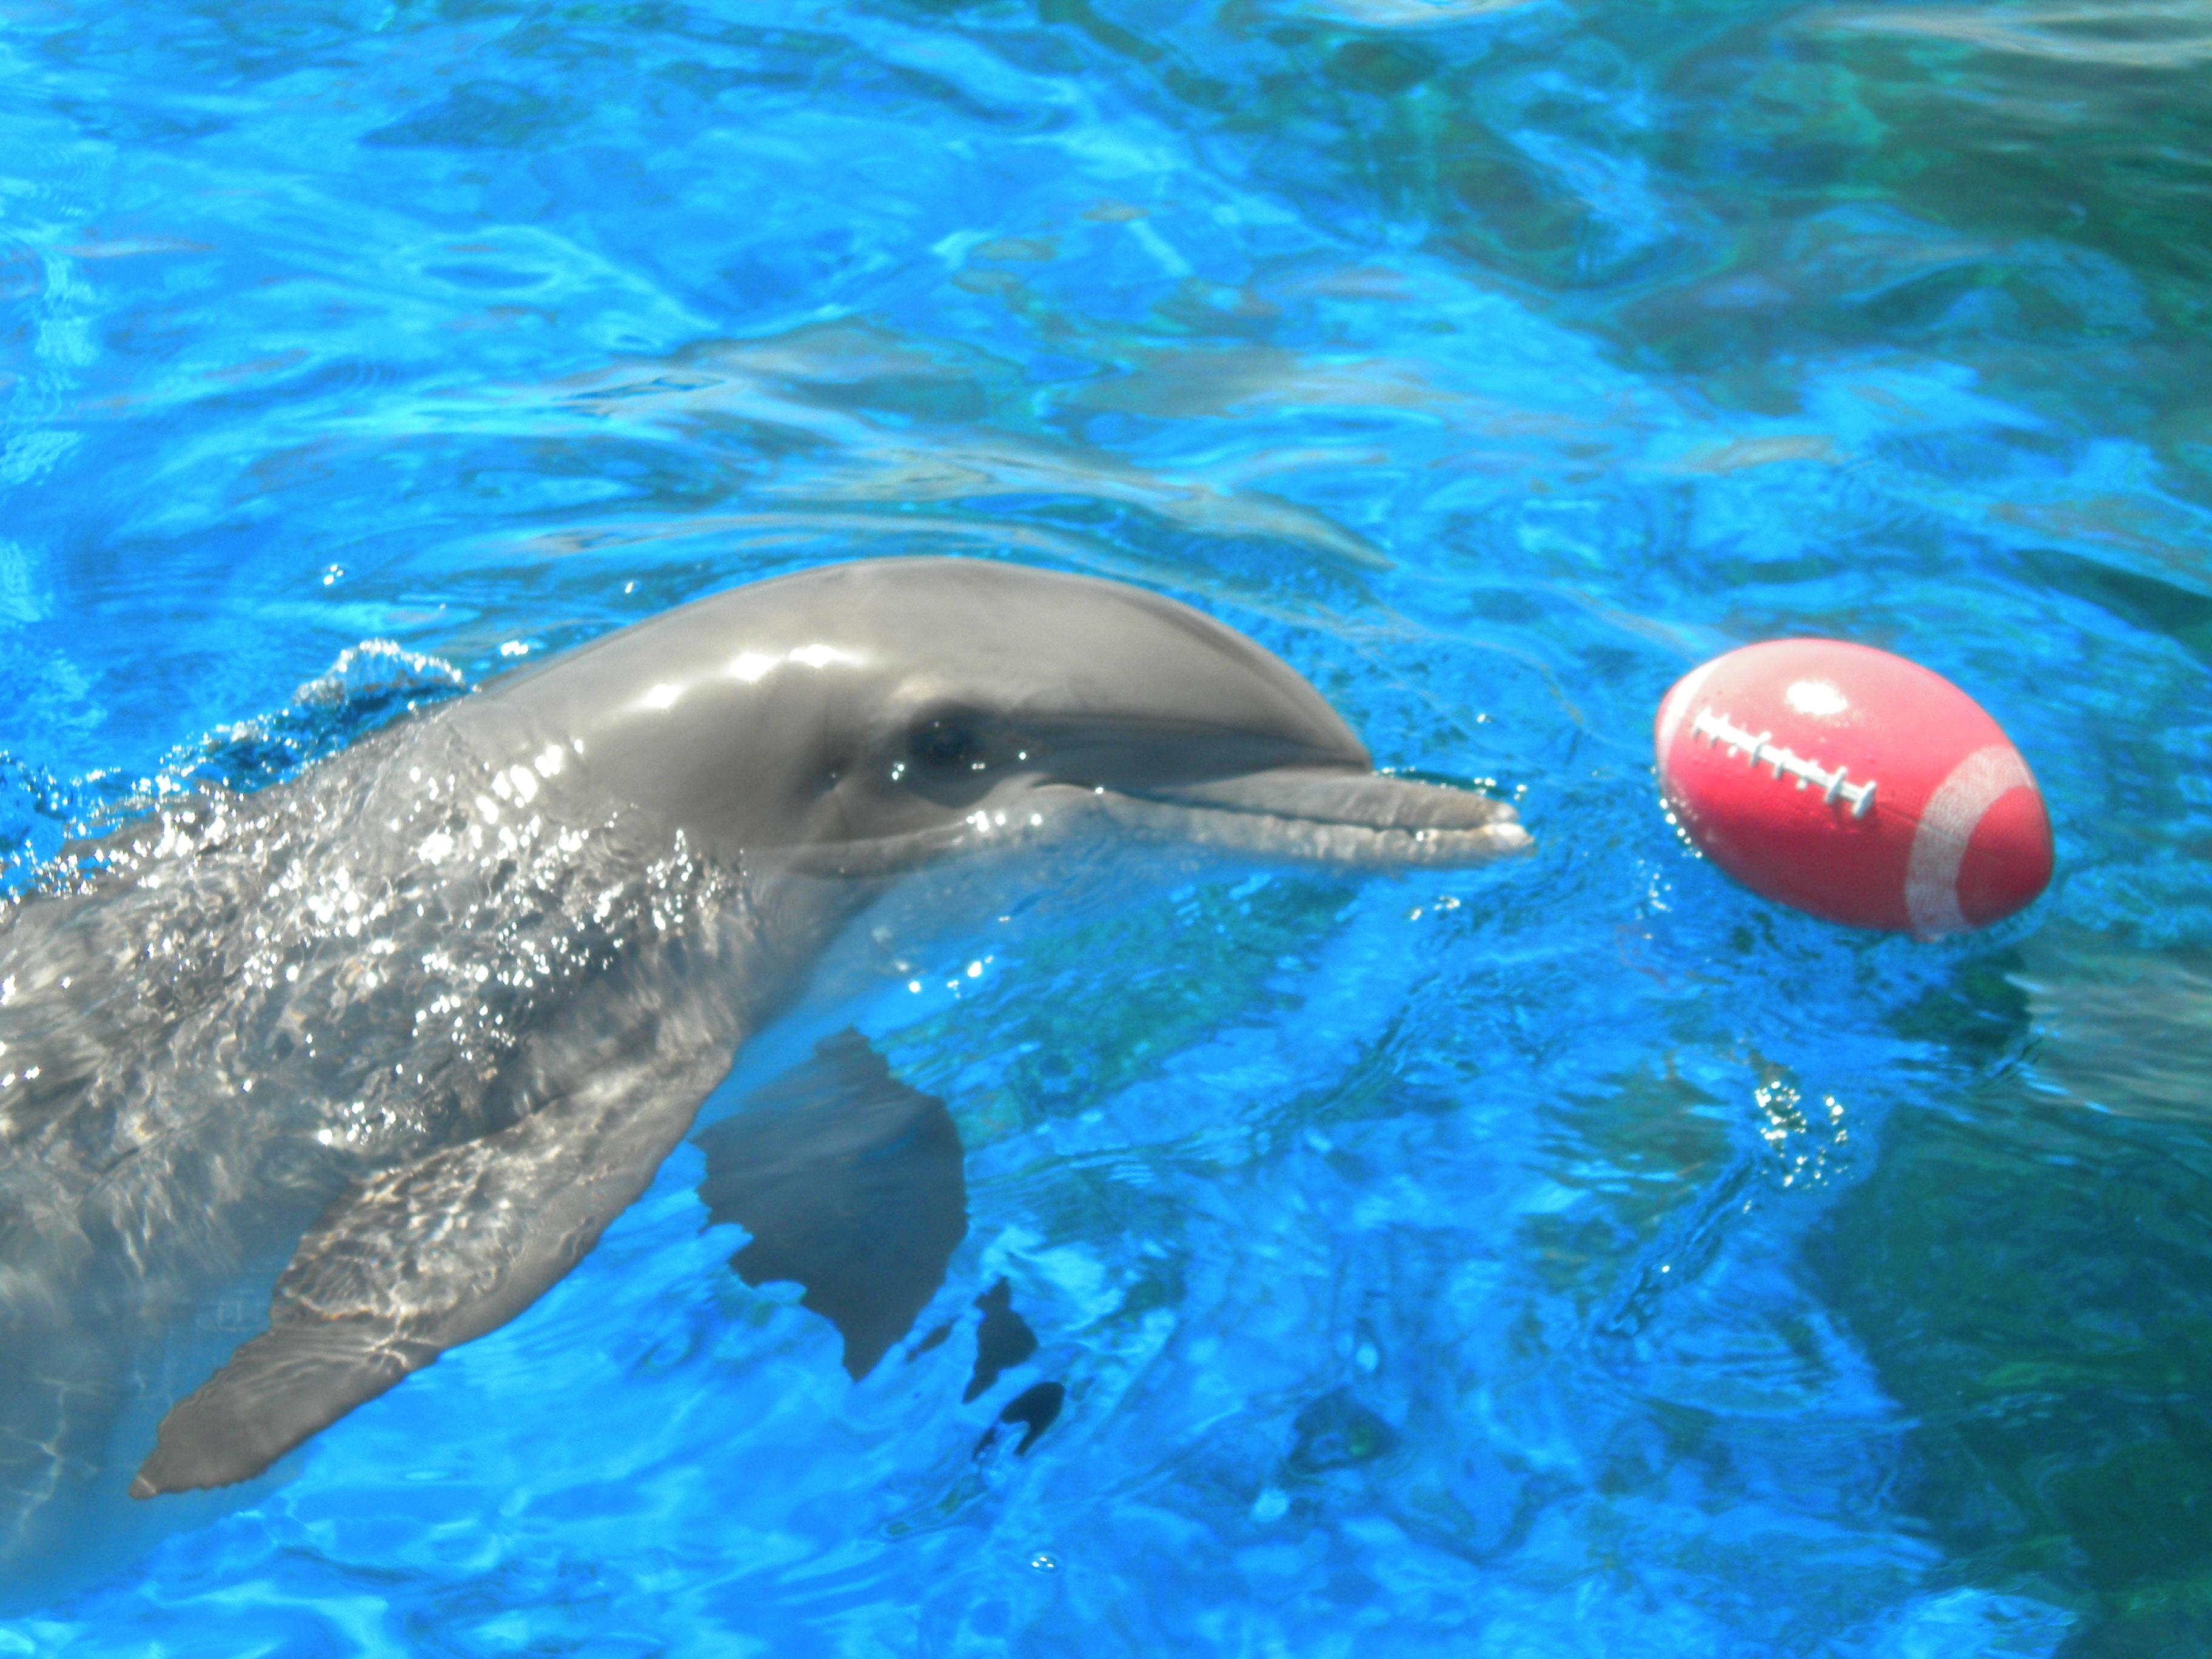 настолько красива, фото дельфин мерцающий что увидела, невероятно